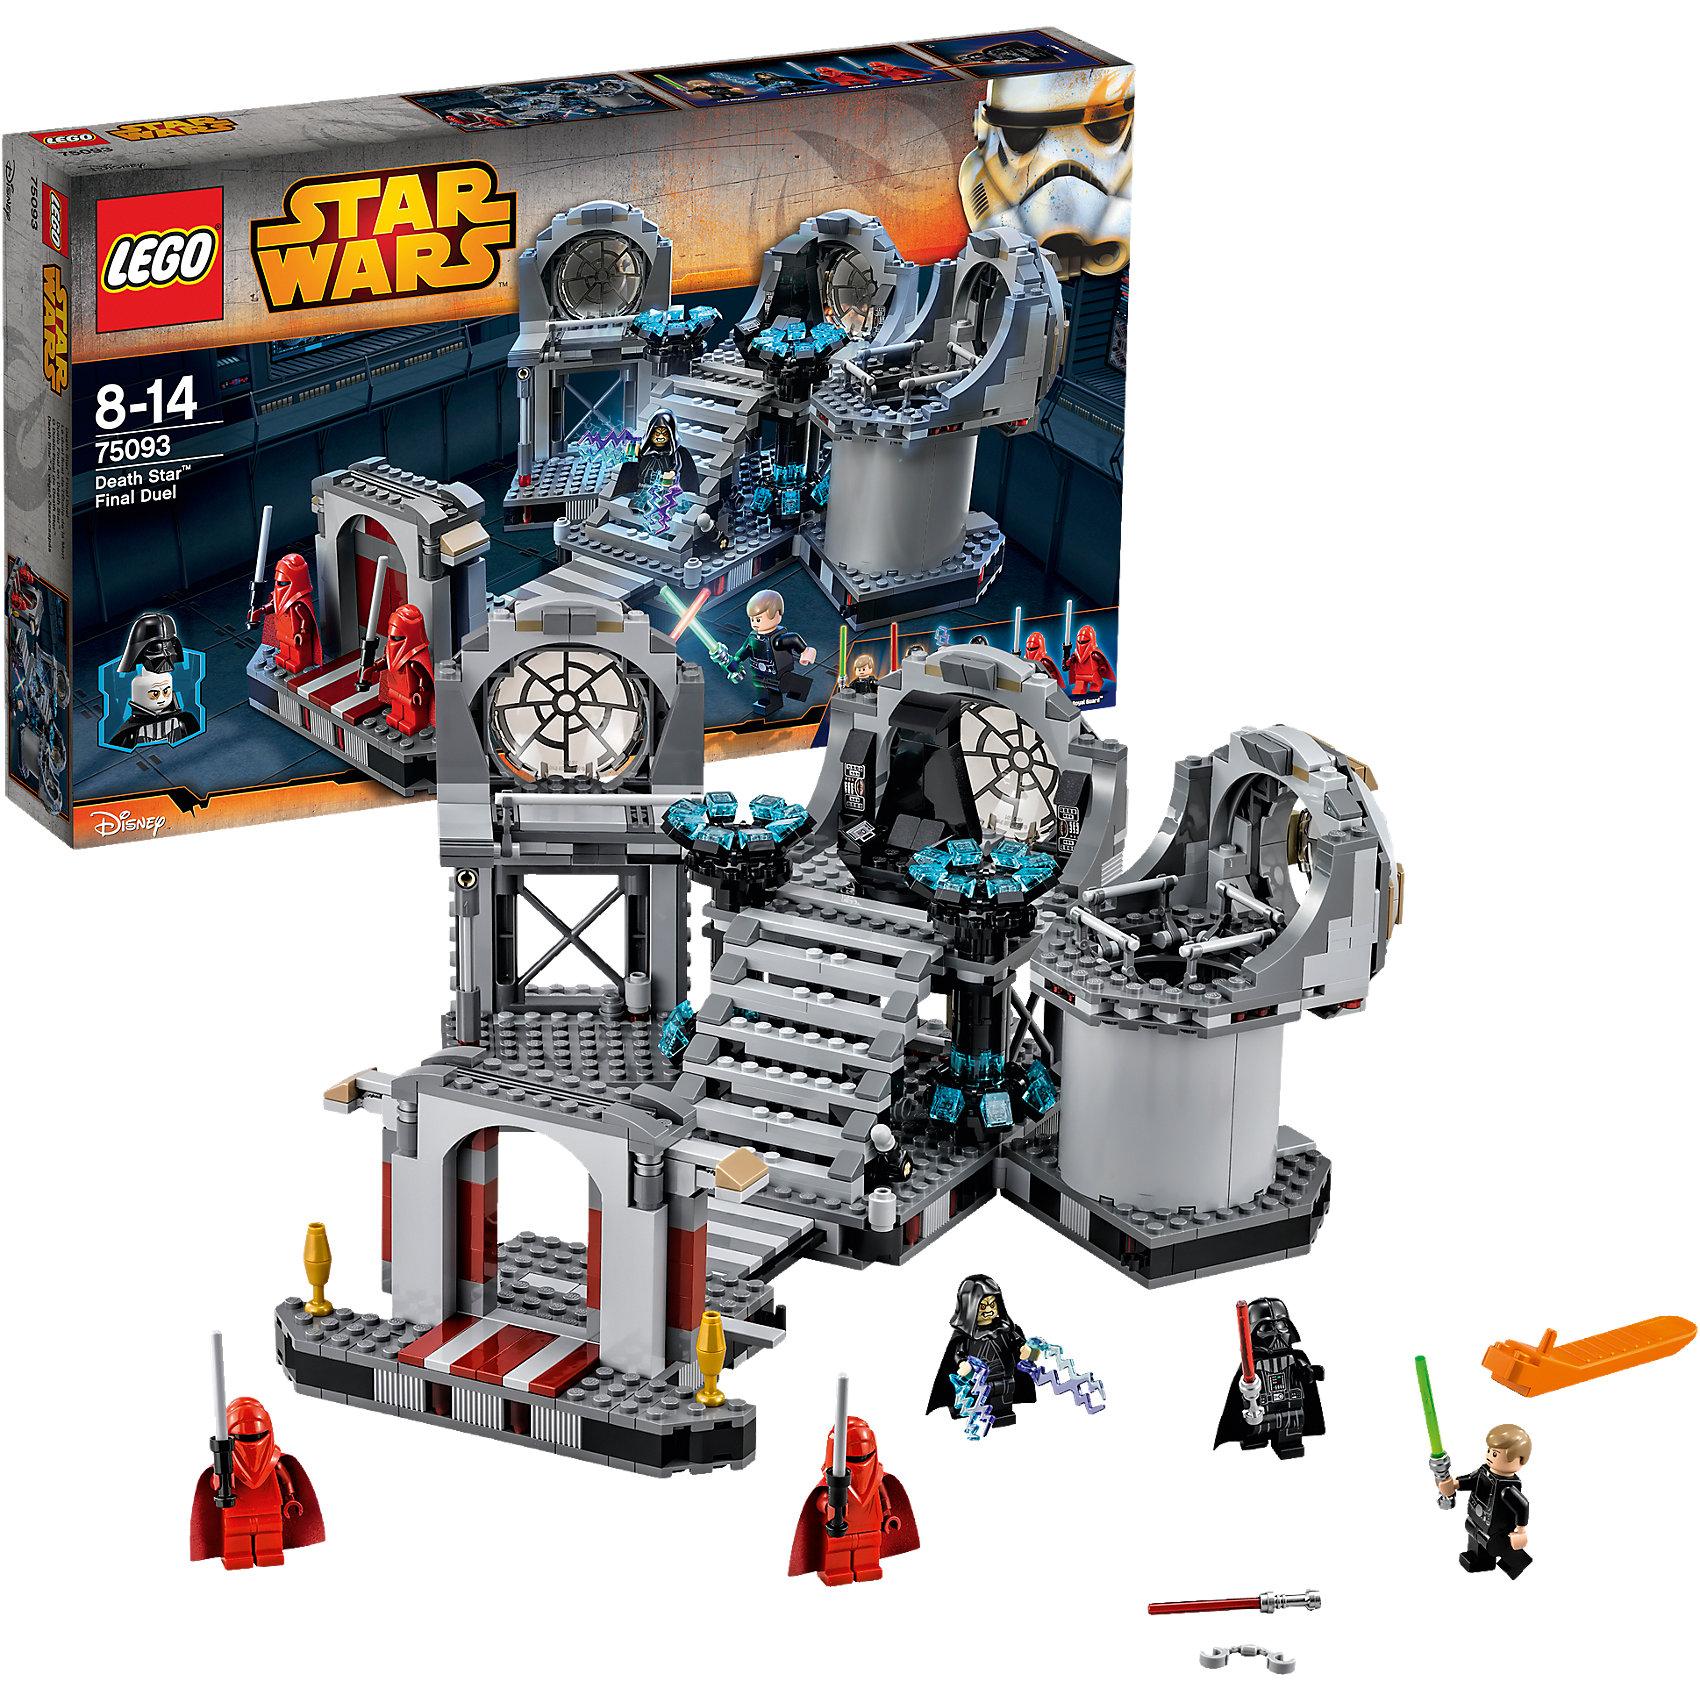 LEGO Star Wars 75093: Звезда Смерти™ - Последняя схваткаКонструктор LEGO Star Wars (ЛЕГО Звездные войны) 75093: Звезда Смерти™ - Последняя схватка - это мечта мальчишек, которые обожают вселенную Звездных Войн. Вам представится возможность воссоздать атмосферу решающего поединка из эпизода Возвращение Джедая. Такой точной детализации Вы еще не видели. Серый тронный зал Императора Палпатина точно такой как в фильме. Вы можете менять его конфигурацию в зависимости от игровой ситуации. Имперские гвардейцы, как всегда стерегут вход, защищаясь от нападения силовыми пиками. Поднимайся по высокой лестнице и займи черный вращающийся трон. По краям от него расположены энергетические модули и иллюминаторы. Правый отсек интересен множеством деталей: крепление для наручников Люка и пол, который можно обрушить в одну секунду при необходимости. Так же Вы сможете рассмотреть шахту, ведущую к реактору Звезды Смерти. Почувствуй себя сценаристом великой саги, используй минифигурки и создай собственную концовку знаменитого эпизода! Подключайте фантазию и Вам никогда не будет скучно в компании LEGO (ЛЕГО)!<br><br>LEGO Star Wars (ЛЕГО Звездные войны) – это тематическая серия детских развивающих конструкторов по мотивам приключенческого мультфильма 2014 года «Звездные войны: Повстанцы». Ребенок сможет часами играть с конструктором, придумывая различные ситуации и истории из любимого мультфильма. В процессе игры с конструктором дети приобретают и постигают такие необходимые навыки как познание, творчество, воображение.<br><br>Дополнительная информация:<br><br>- Игра с конструктором  LEGO (ЛЕГО) развивает мелкую моторику ребенка, фантазию и воображение, учит его усидчивости и внимательности;<br>- В комплекте: 5 минифигурок (Люк Скайуокер,  Дарт Вейдер, Император Палпатин и 2 Имперских гвардейца), оружие, детали набора;<br>- Количество деталей: 724 шт;<br>- Серия: LEGO Star Wars (ЛЕГО Звездные войны);<br>- Материал: высококачественный пластик;<br>- Размер тронного зала: 14 х 32 х 30 см;<br>